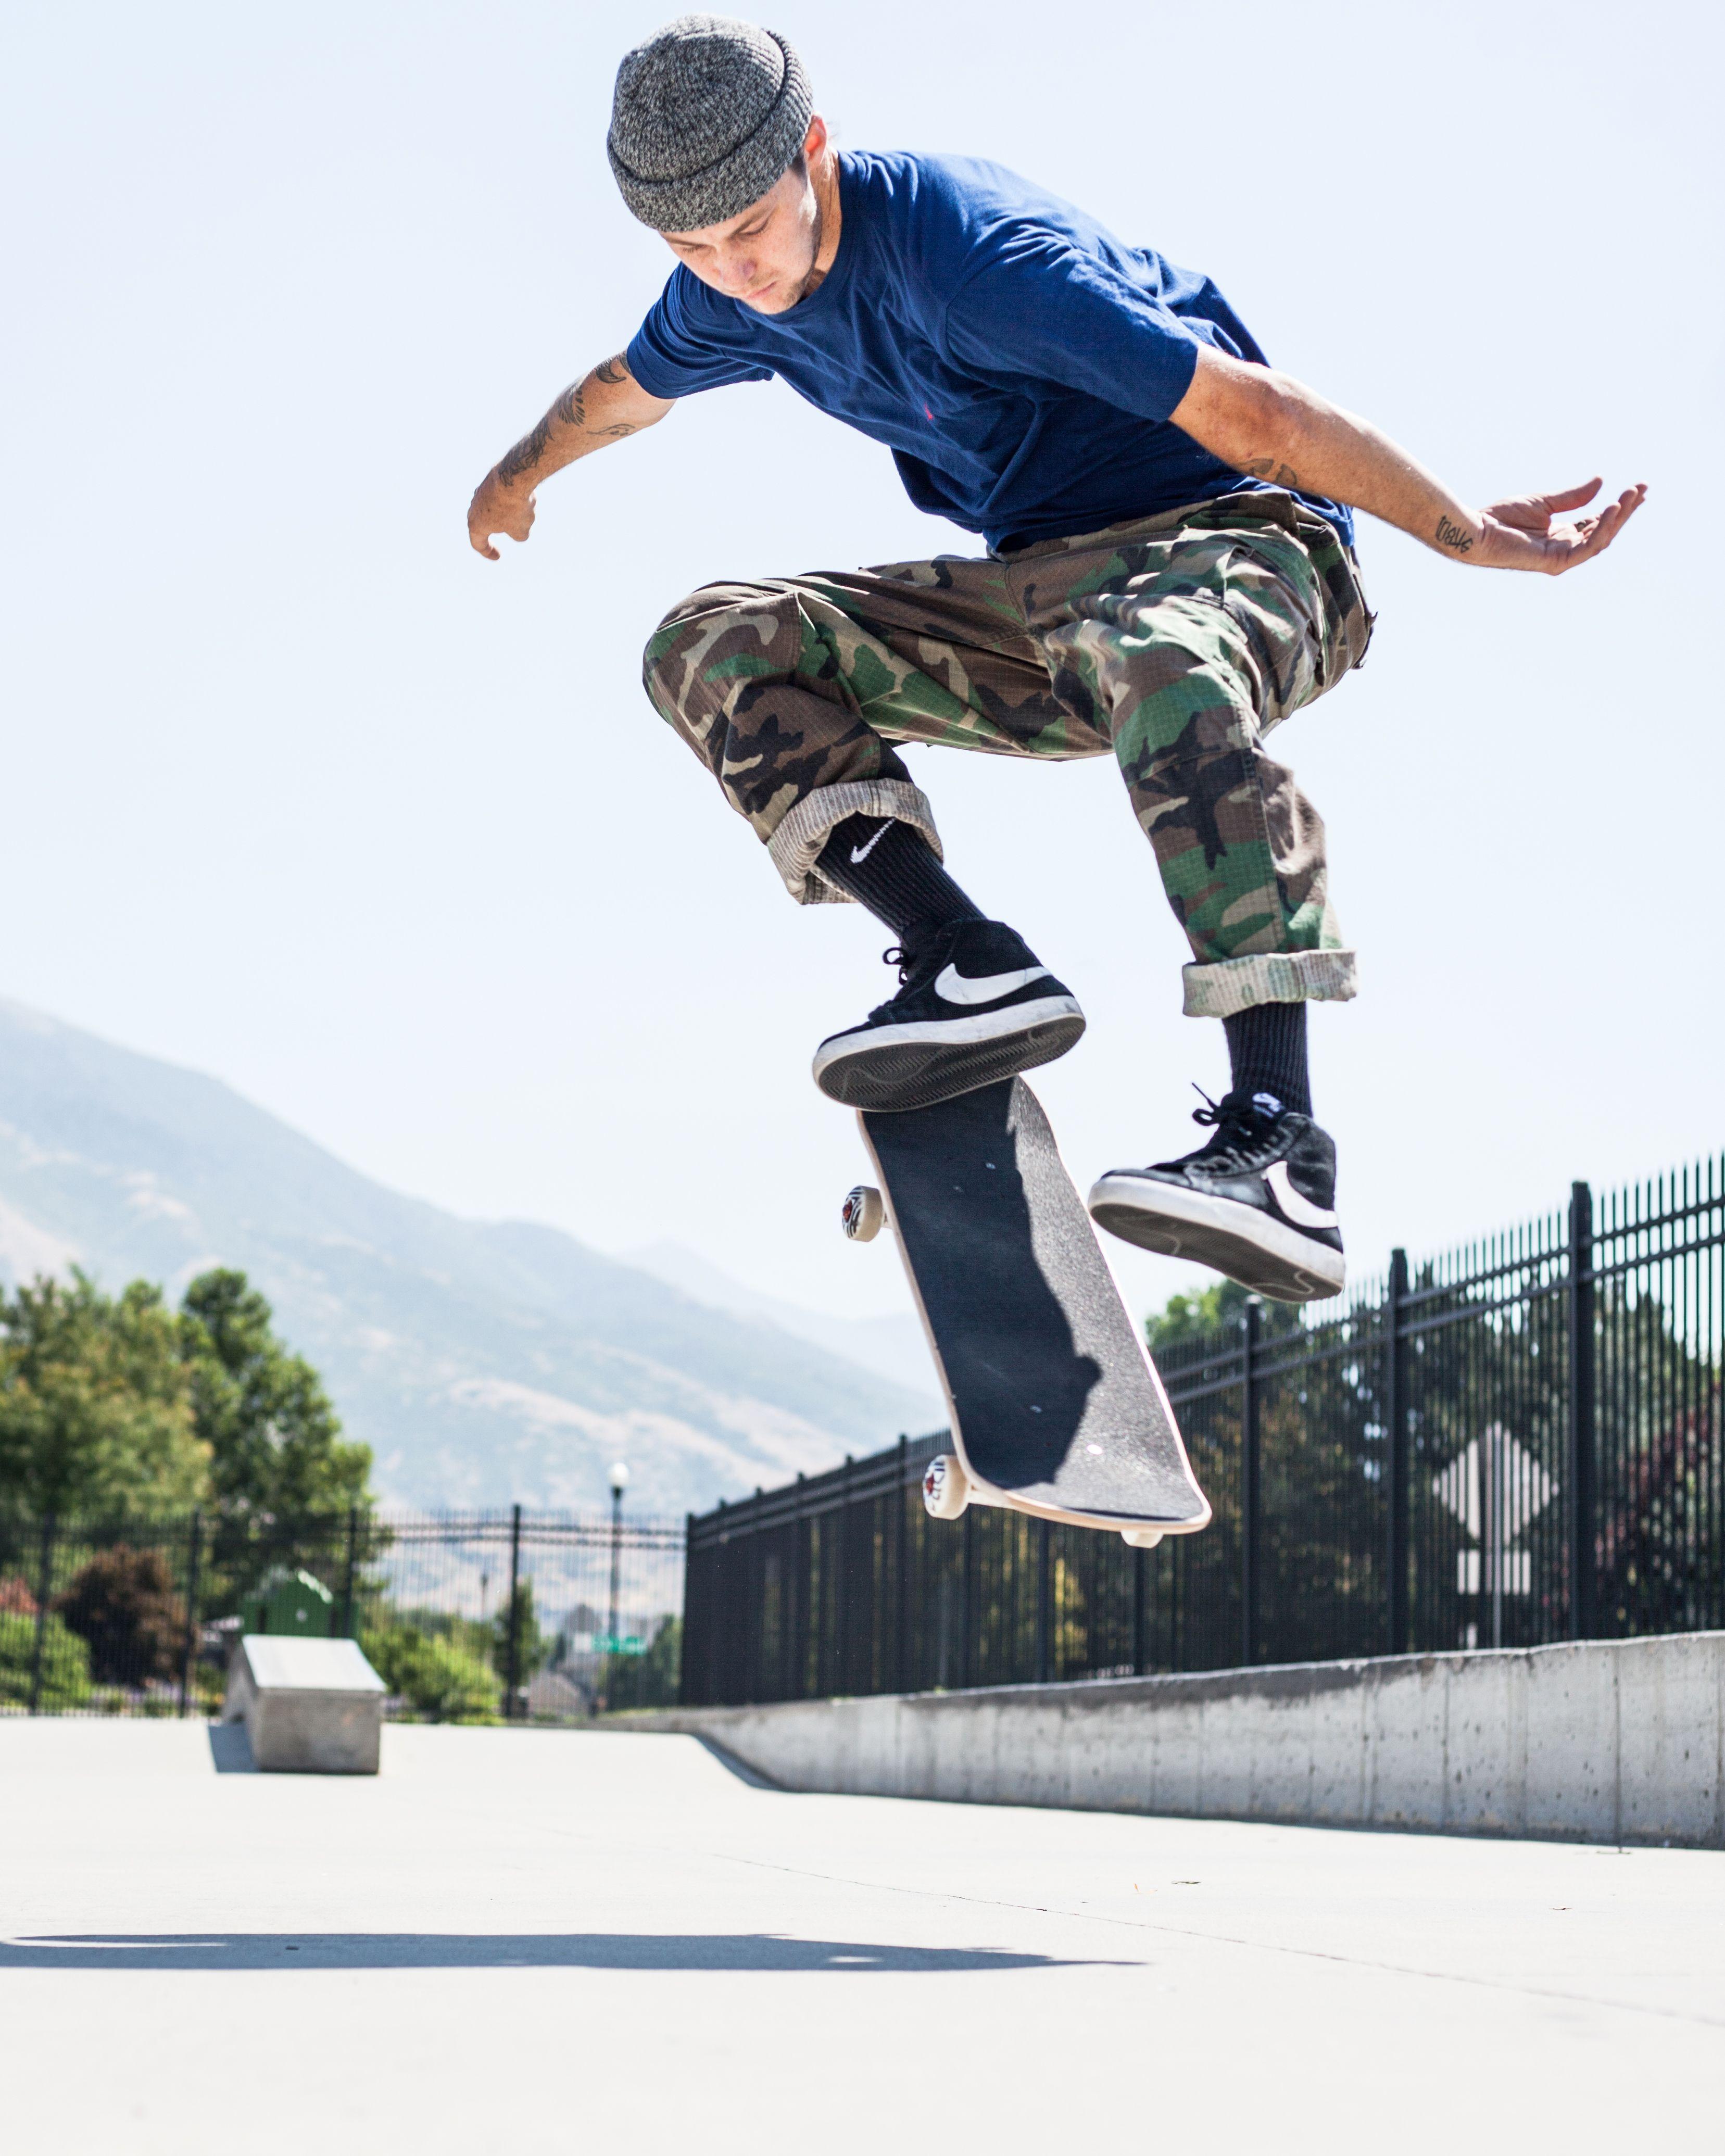 Tweak A Kickflip And Love It Skateboard Photography Skateboard Photos Skateboard